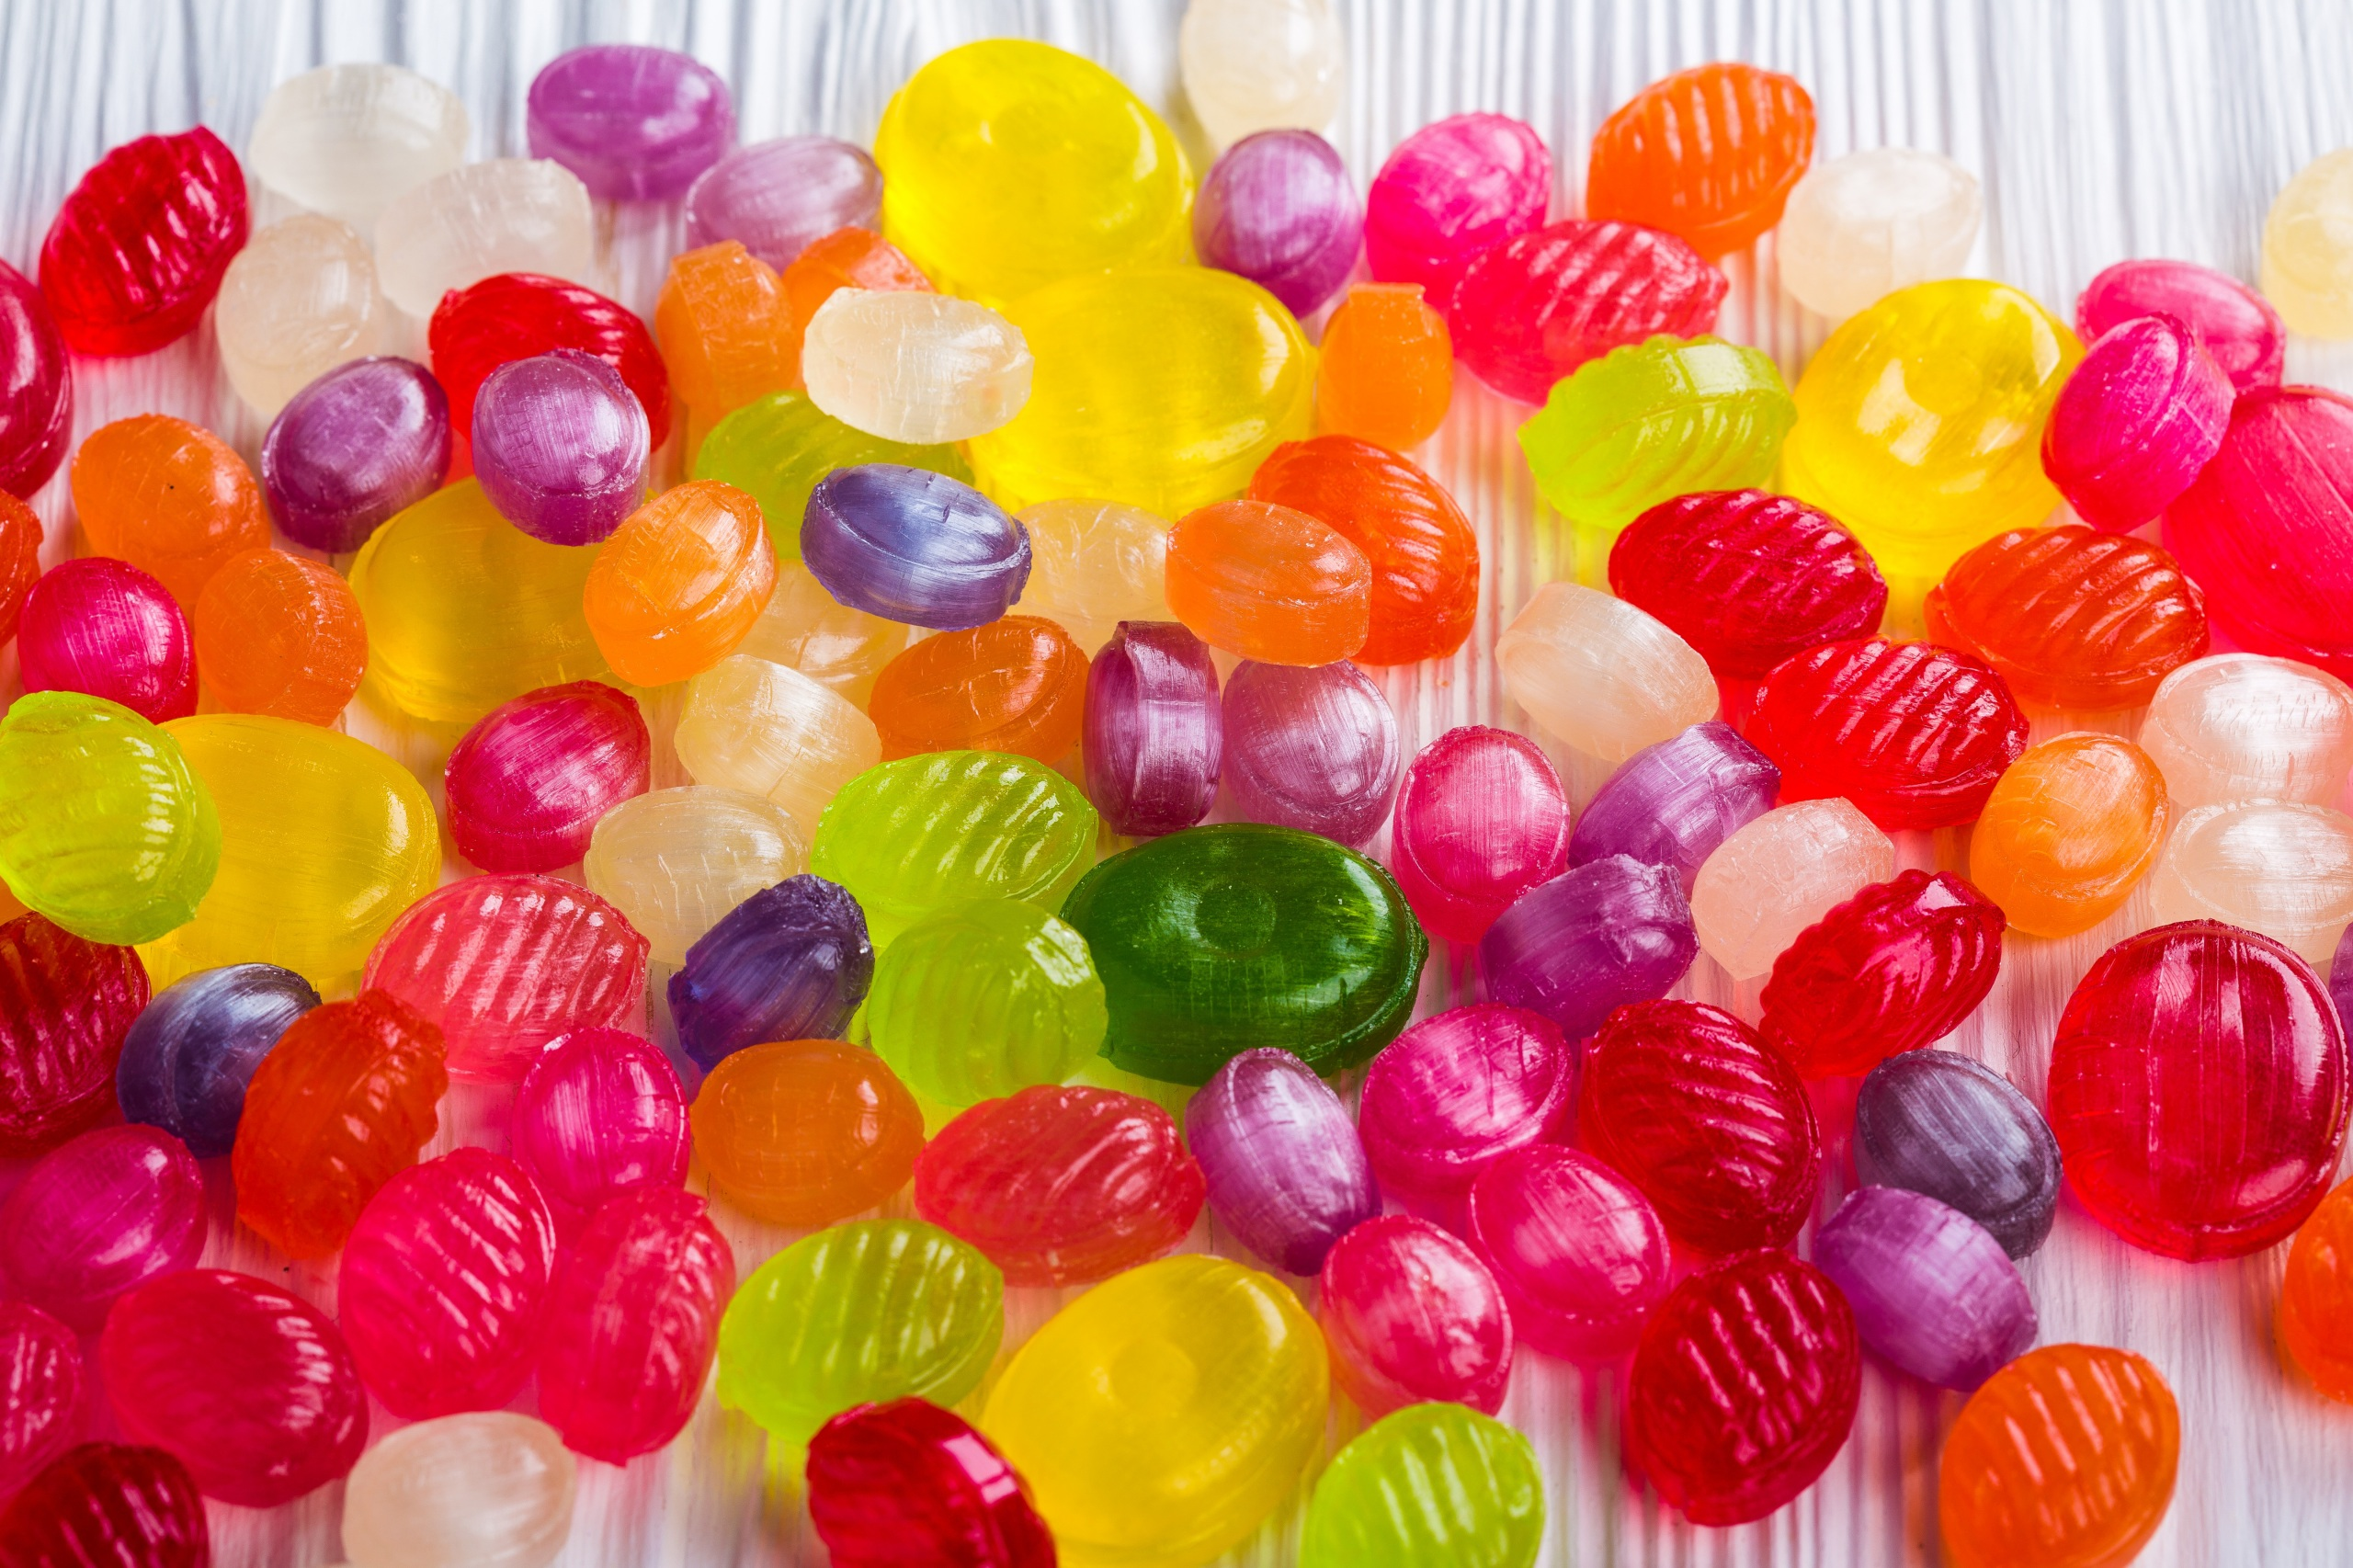 Картинка Разноцветные Конфеты Леденцы Еда Много Сладости 2560x1706 Пища Продукты питания сладкая еда